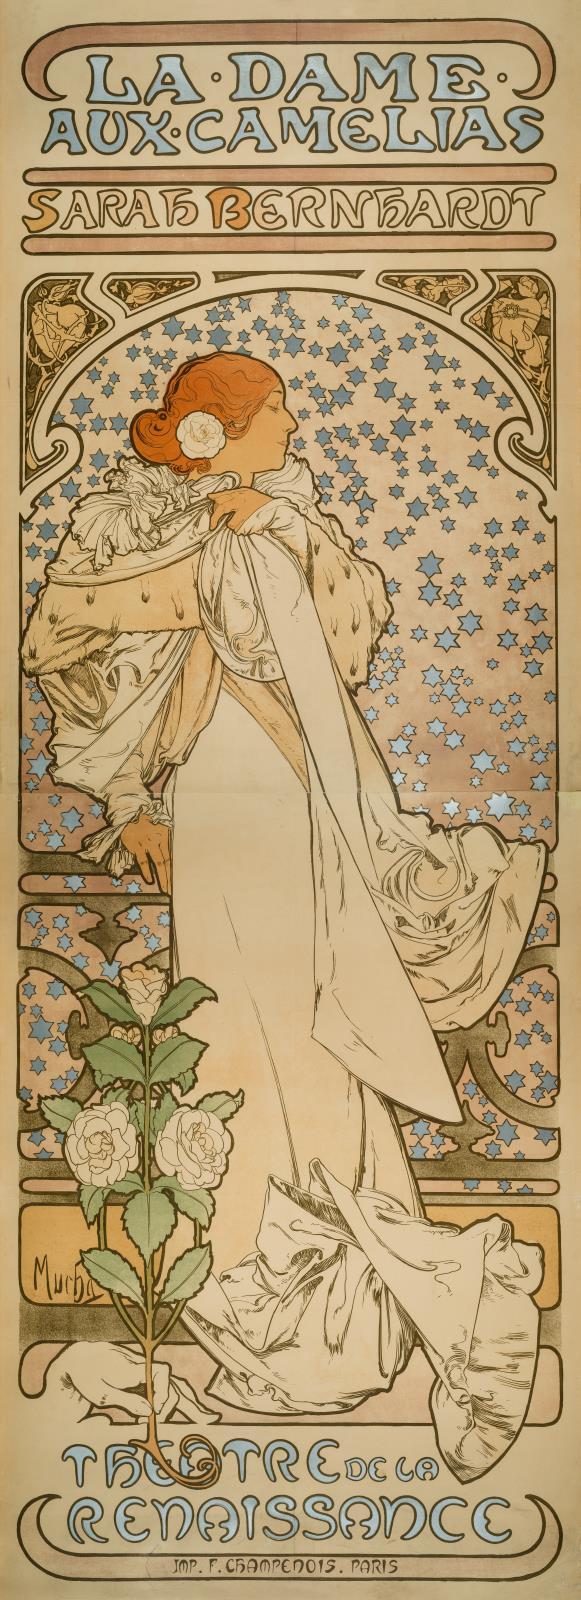 9dd249983 La Dame aux Camélias  Sarah Bernhardt  Théâtre de la Renaissance